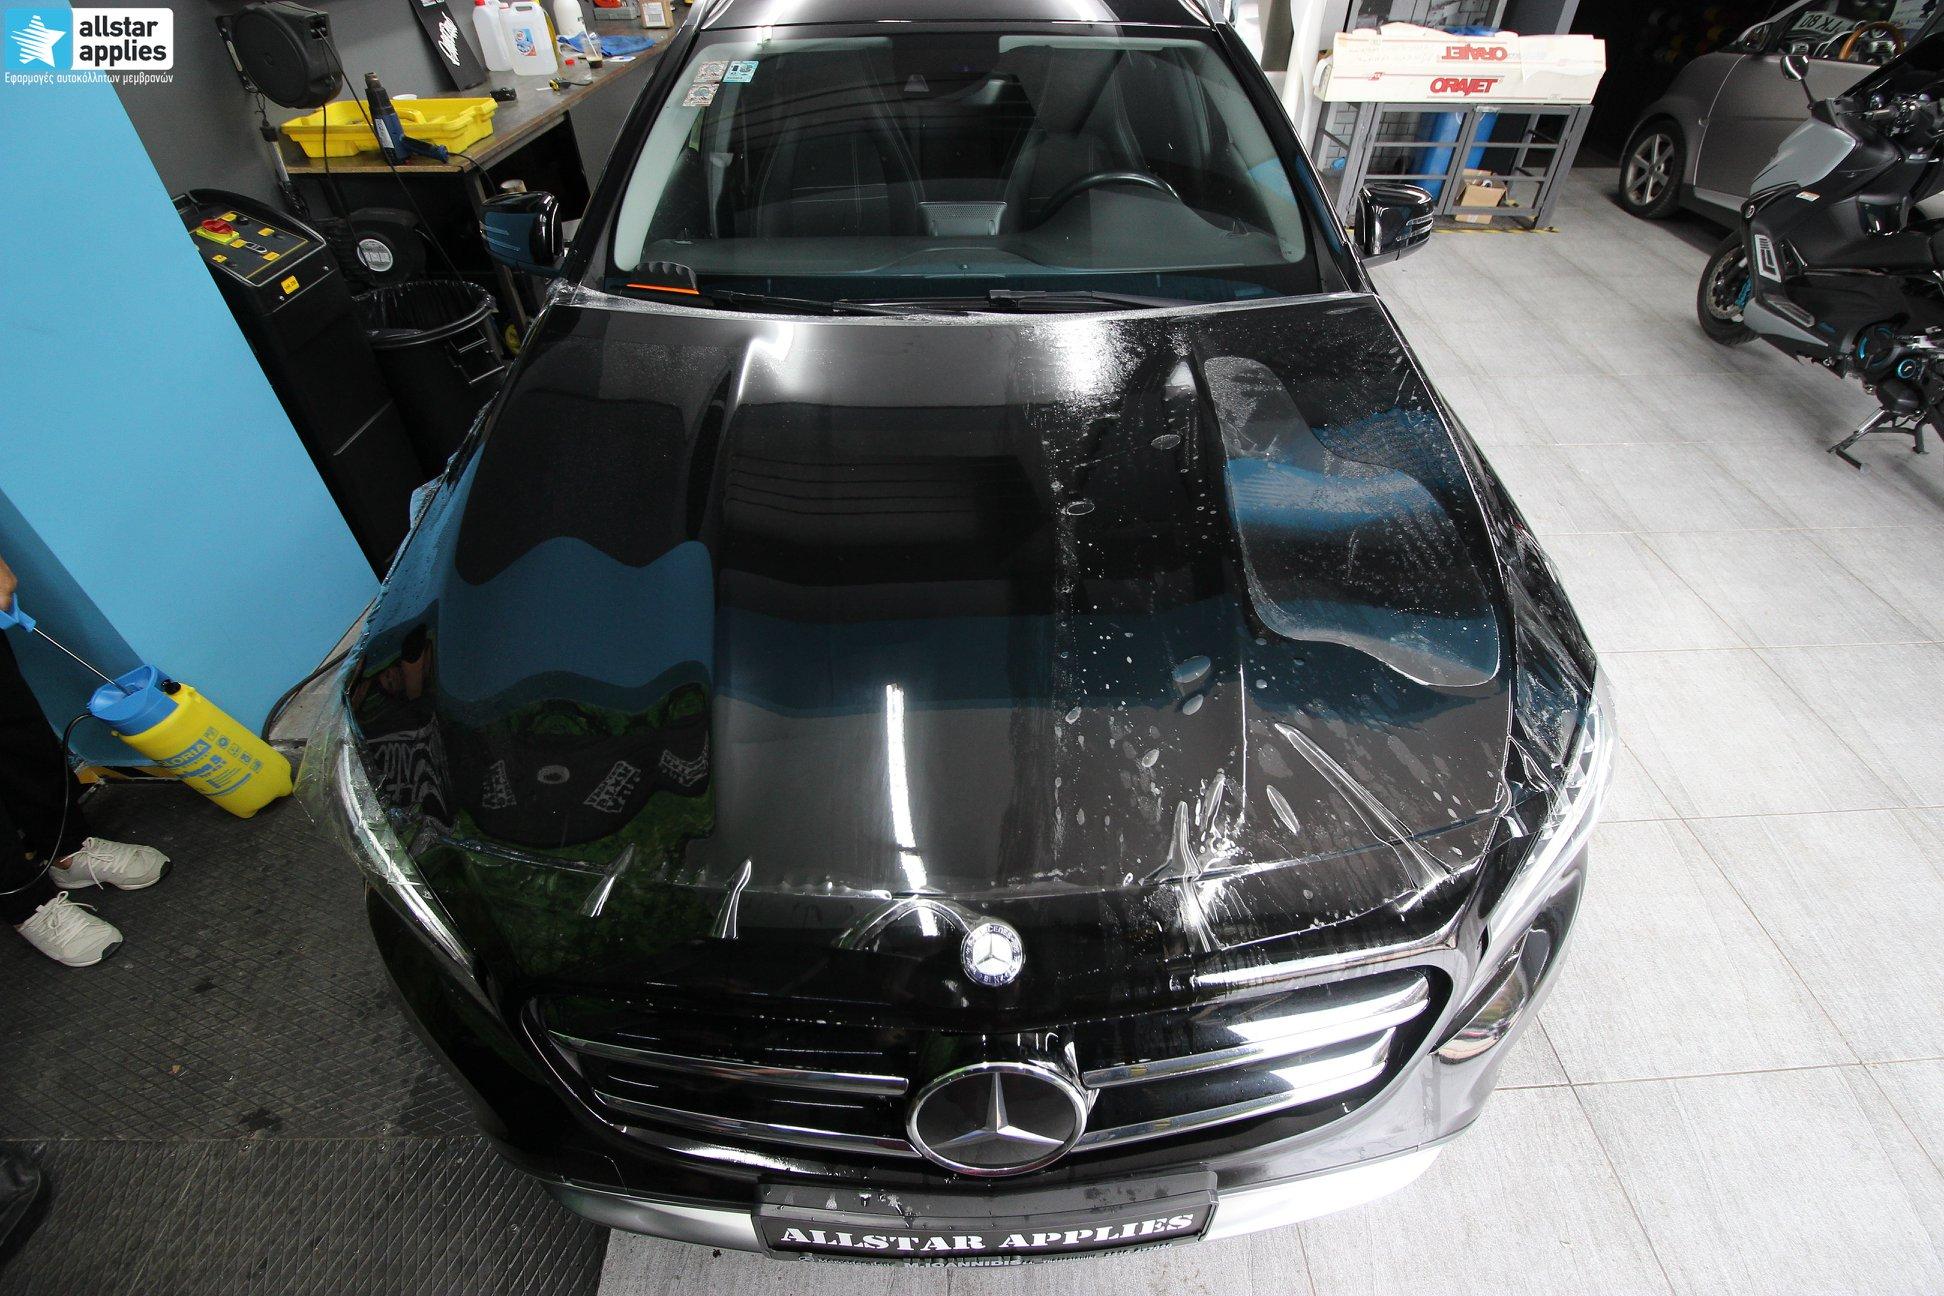 Mercedes-GLA-–-Μεμβράνες-Προστασίας-χρώματος-Paint-Protection-Film-3